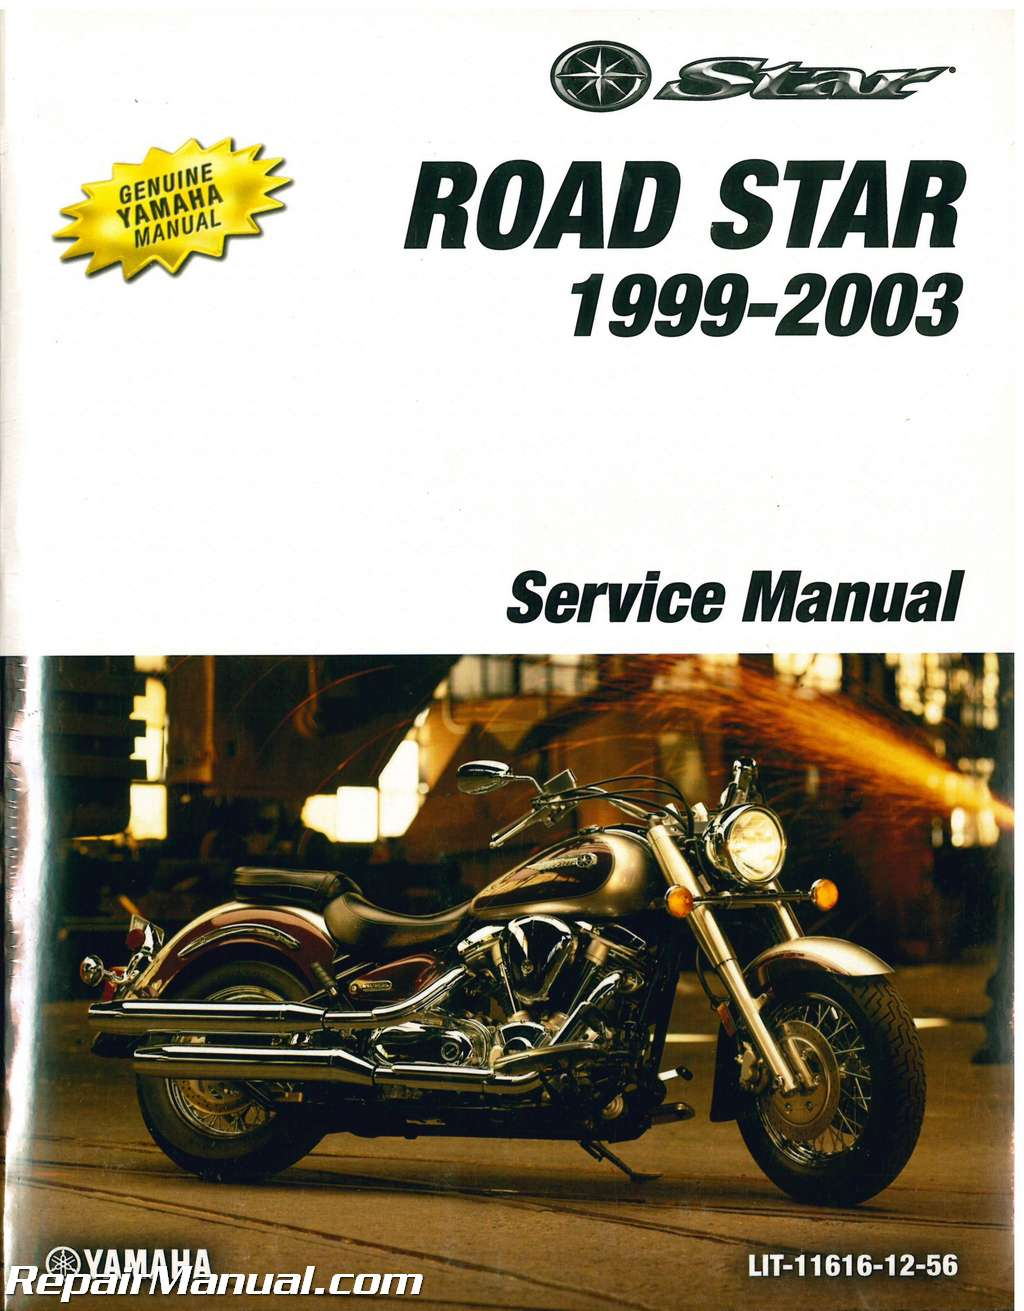 1999 2003 yamaha road star xv1600 motorcycle service manual rh repairmanual com 2002 Yamaha Road Star yamaha roadstar 1600 owners manual